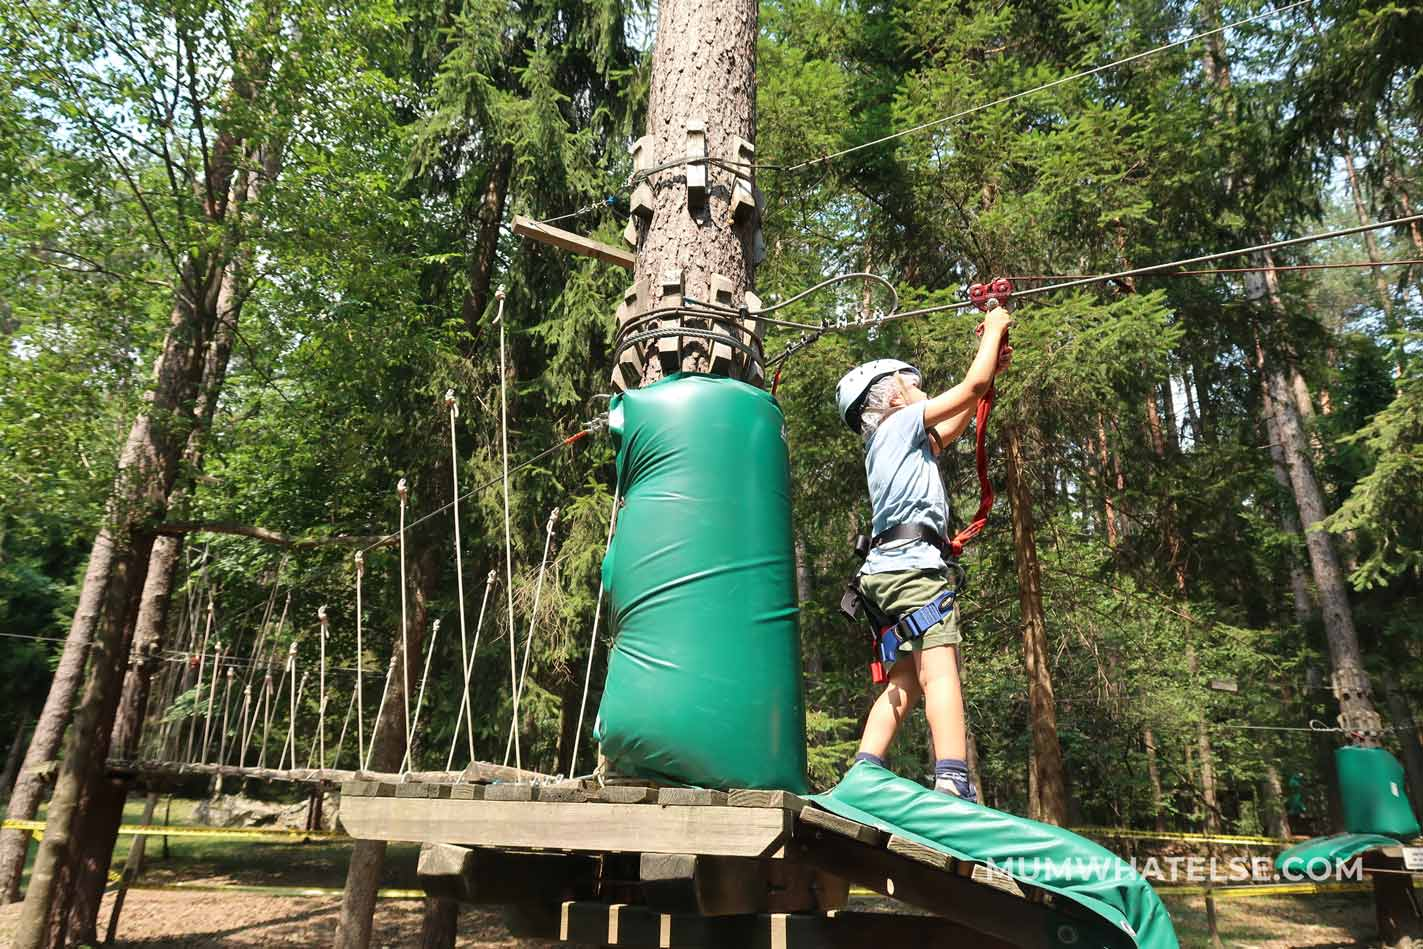 un bimbo con i moschettoni su un albero all'interno di un parco avventura